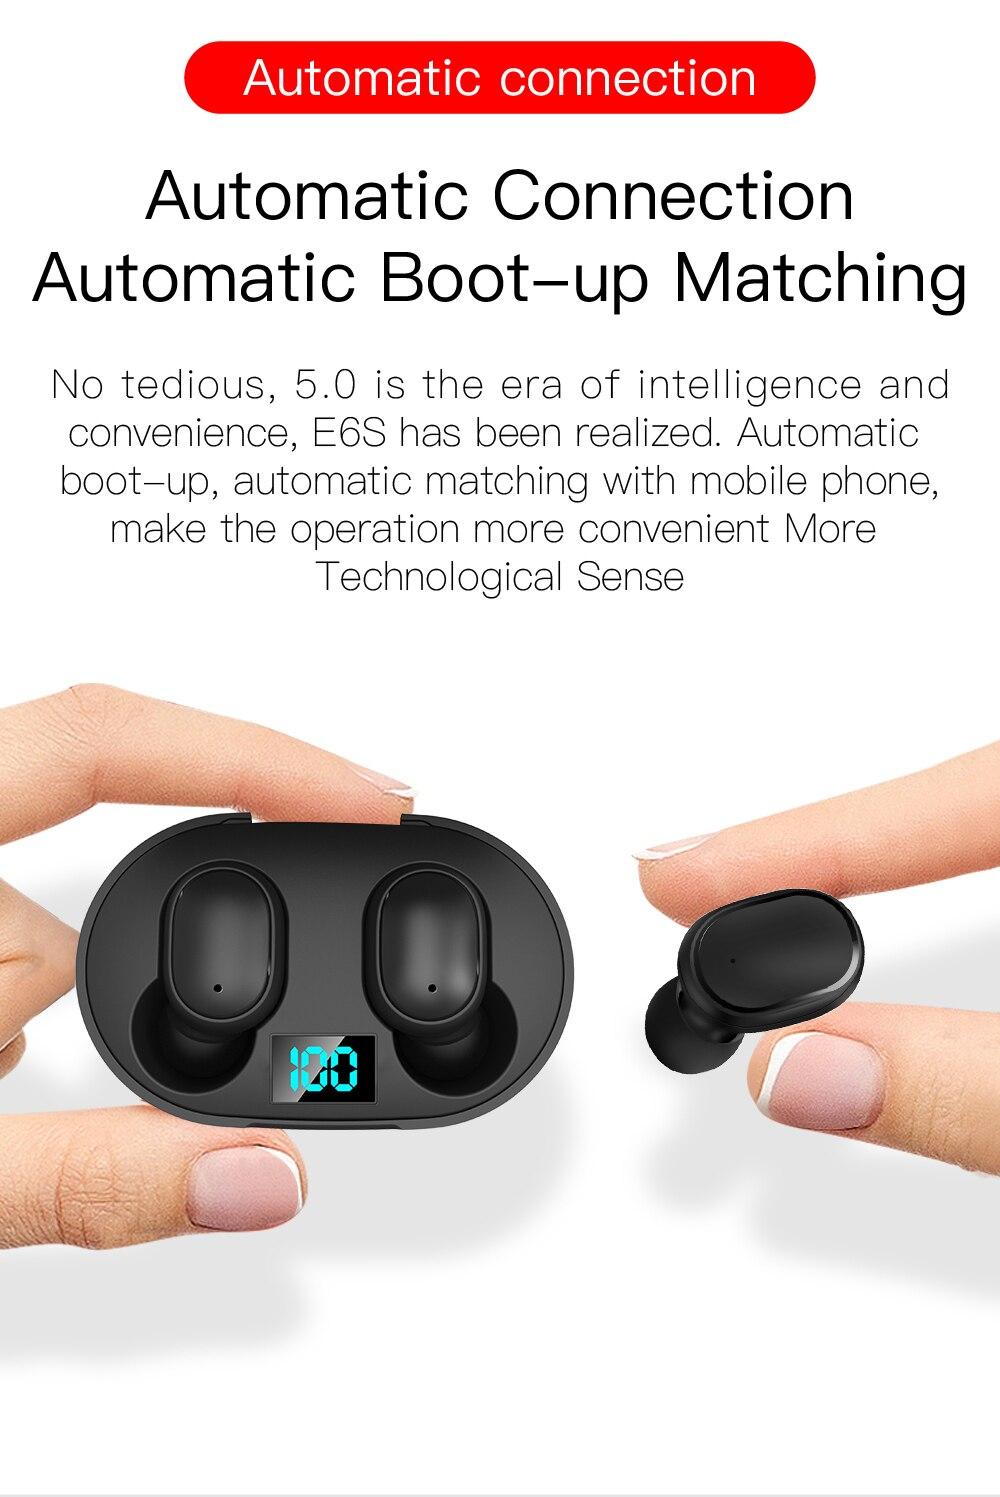 E6S耳机详情设计-英文_03